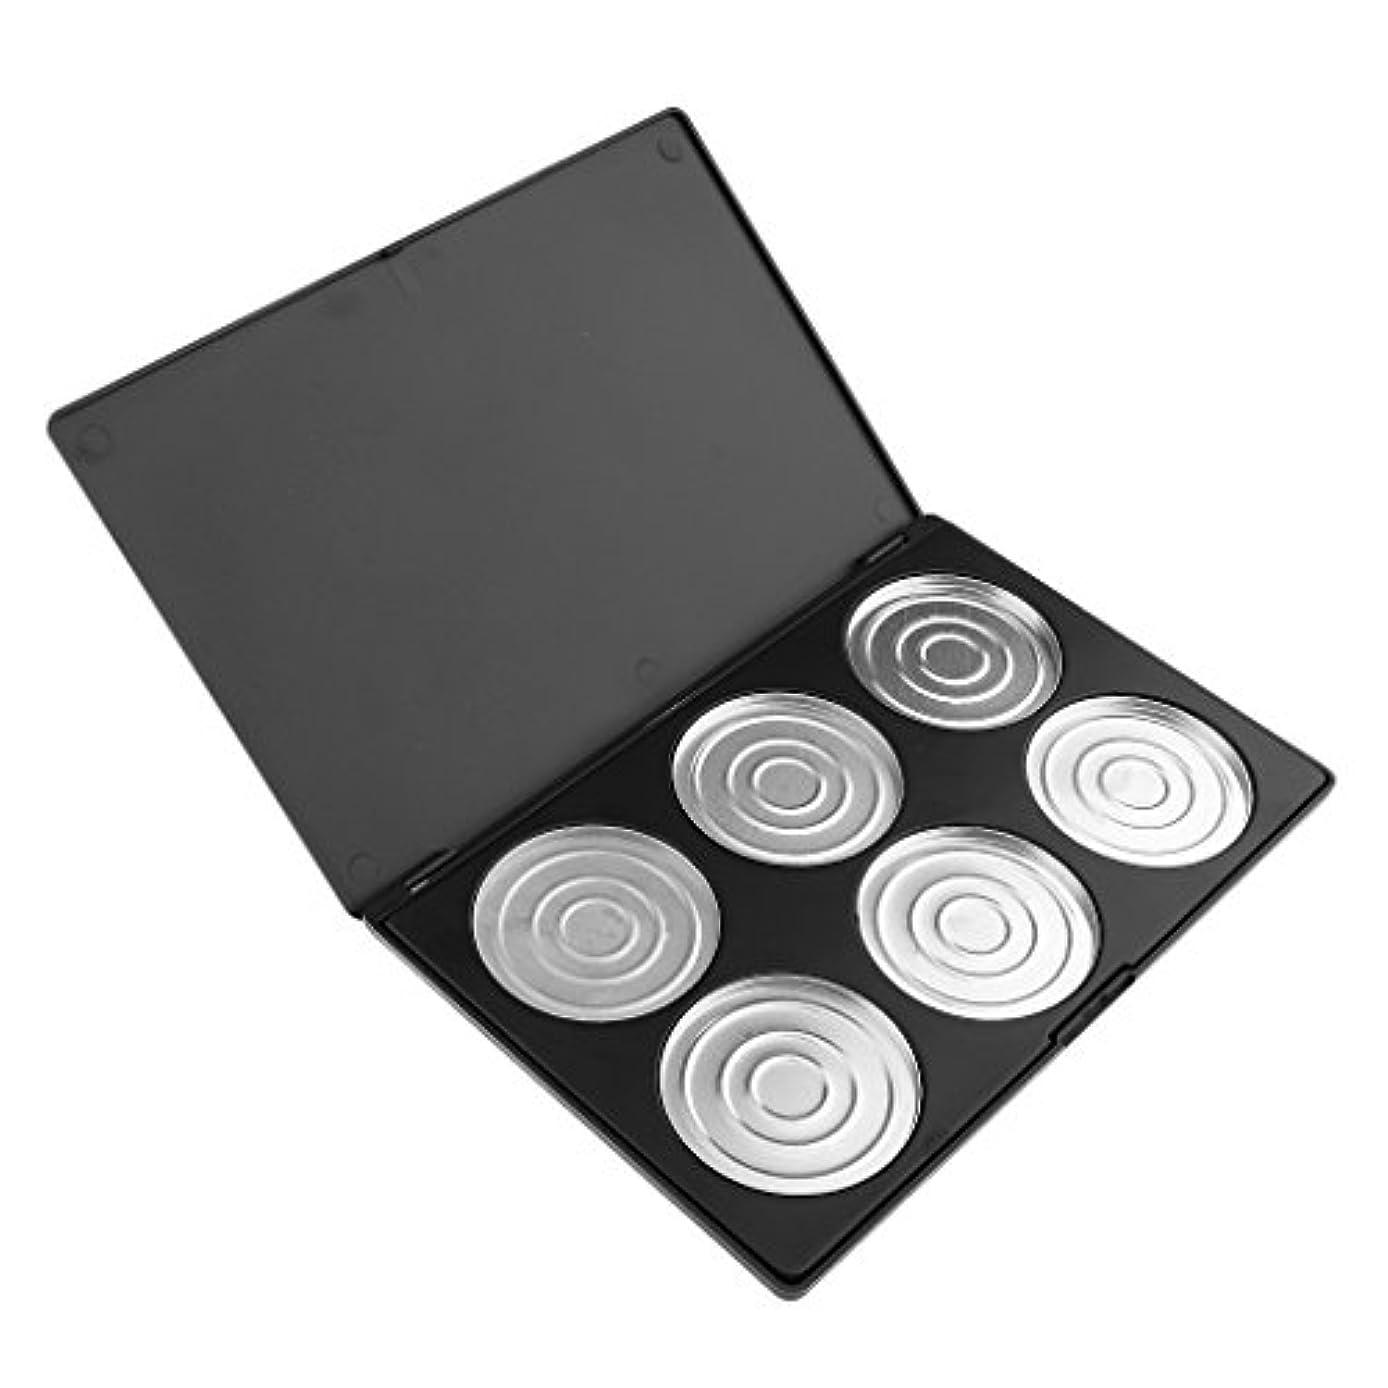 順応性欠点将来の12グリッド メイク 空 アイシャドーブラッシャー リップグロス パレット 化粧品 全2種類 - 6色収納ケース